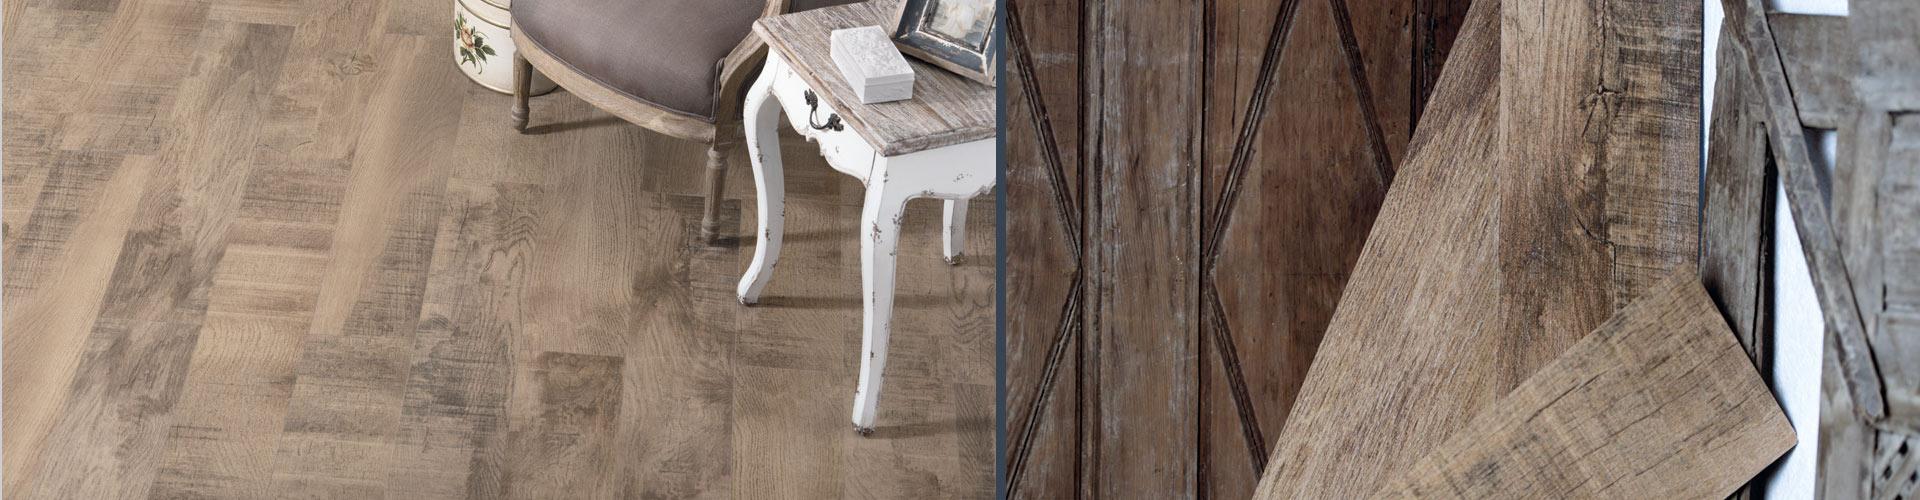 Керамограгнит с имитацией брашированной, состаренной древесины